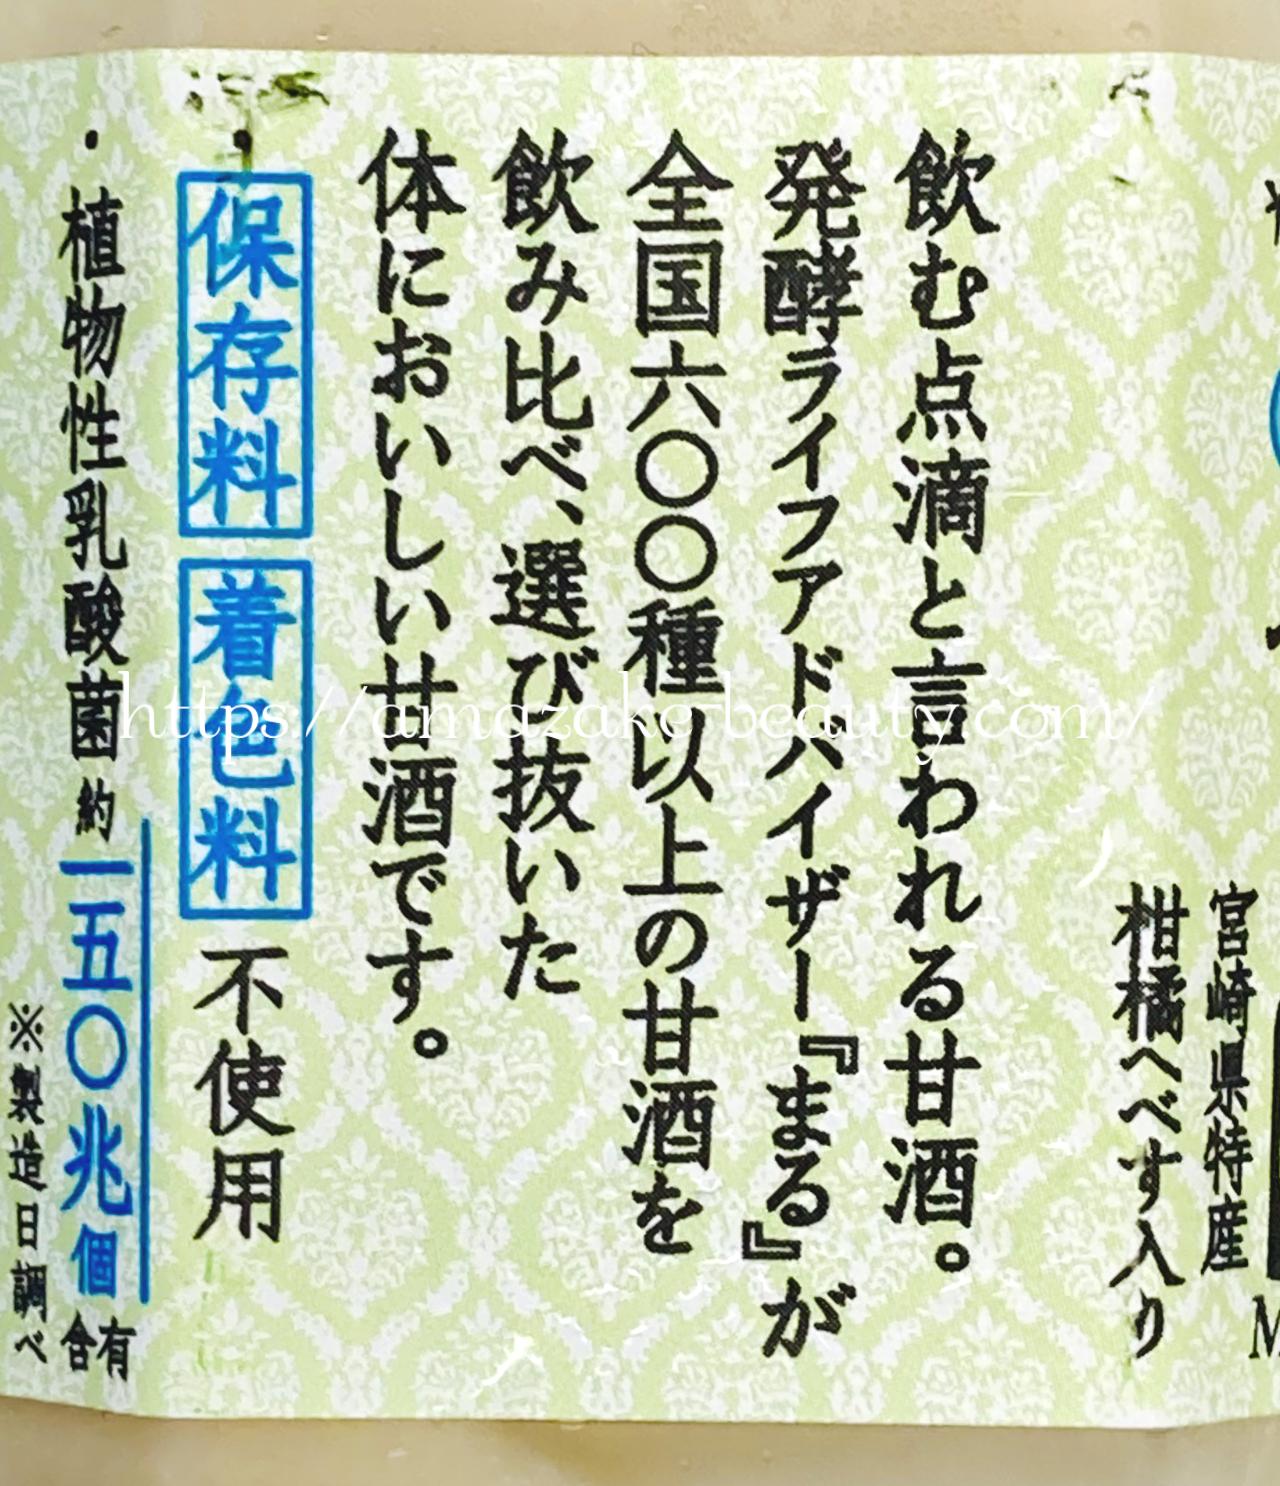 [amazake]maru[hokkori amazake monogatari(hebesu)](description)